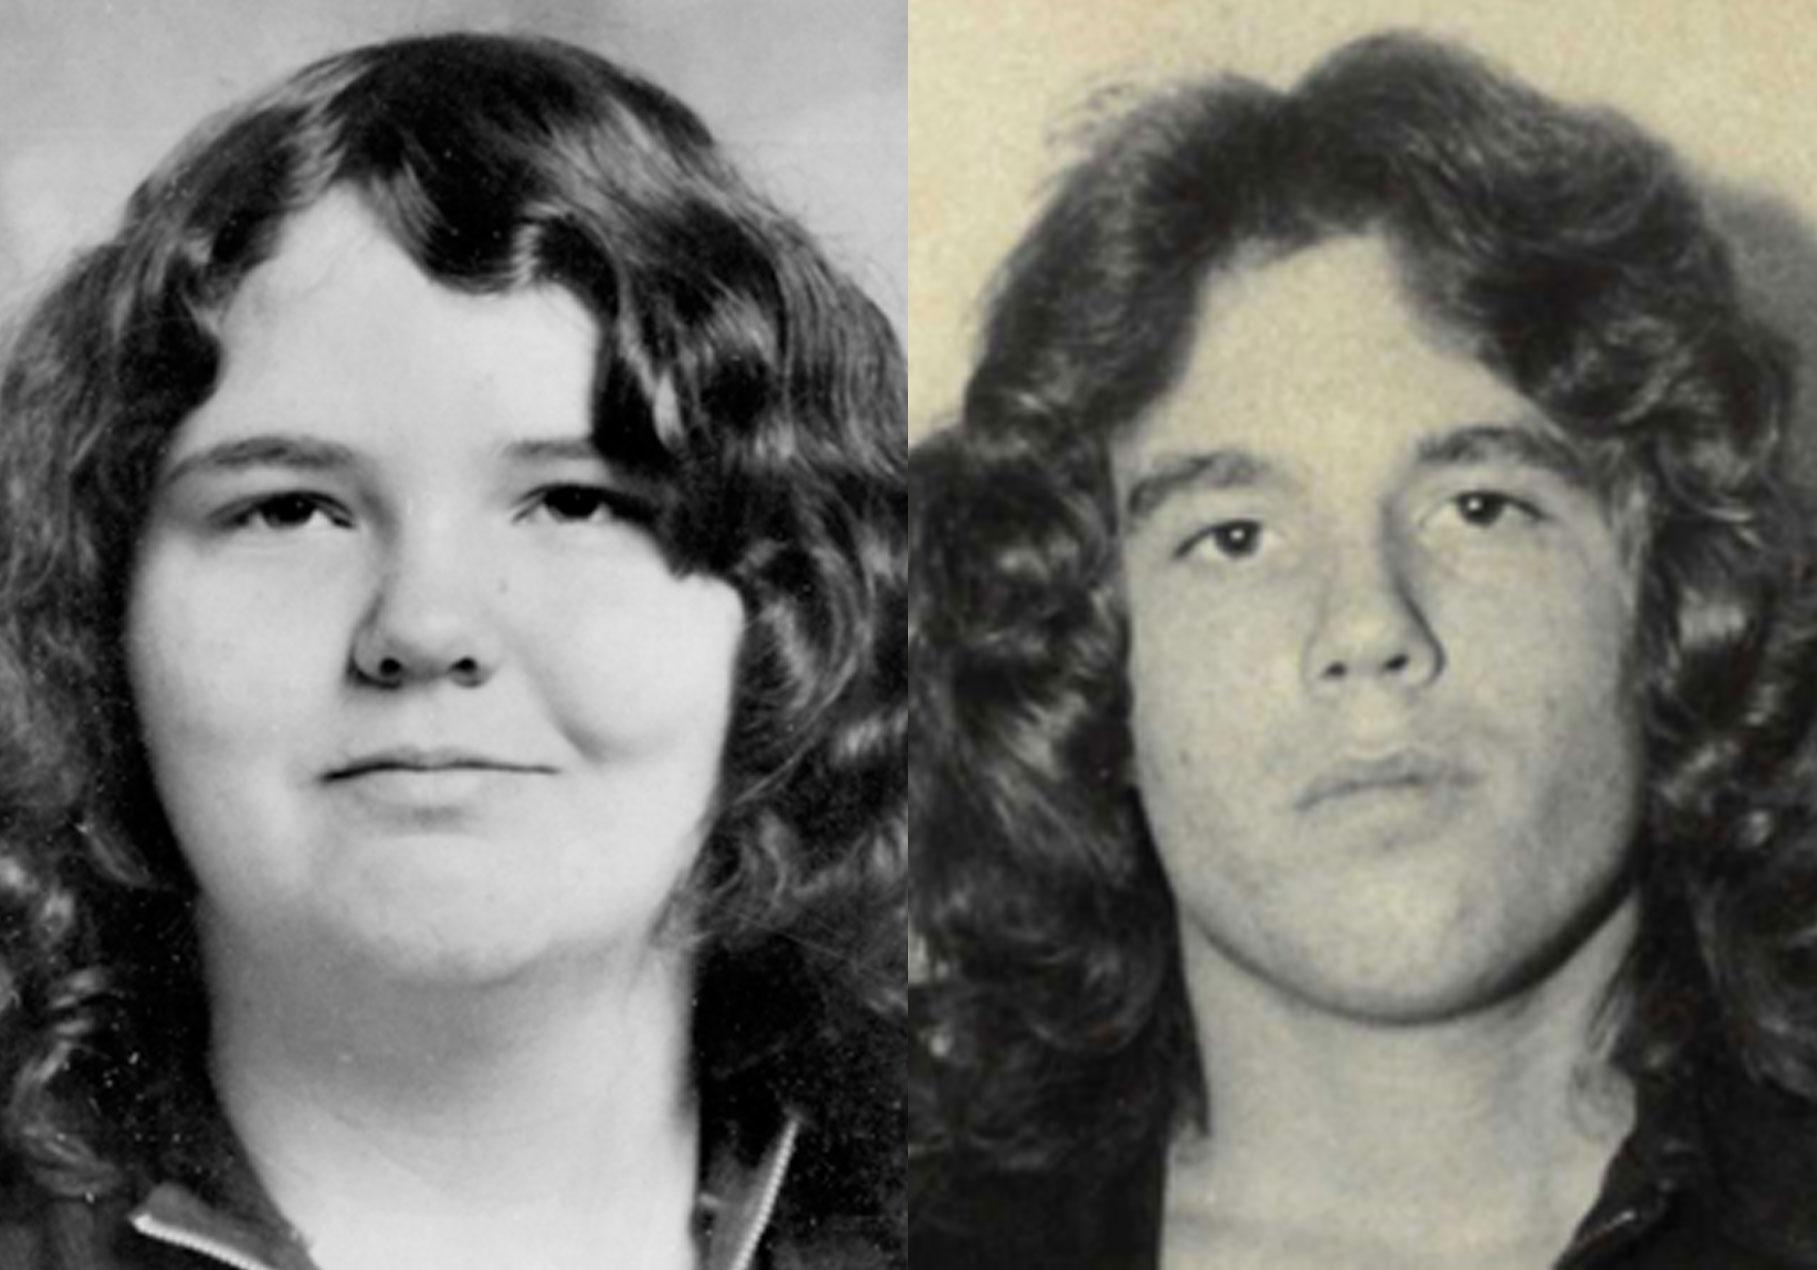 Fem årtier efter, at 7. klassetrin blev myrdet ved at låne en bog, siger detektiver, at de har fundet hendes morder